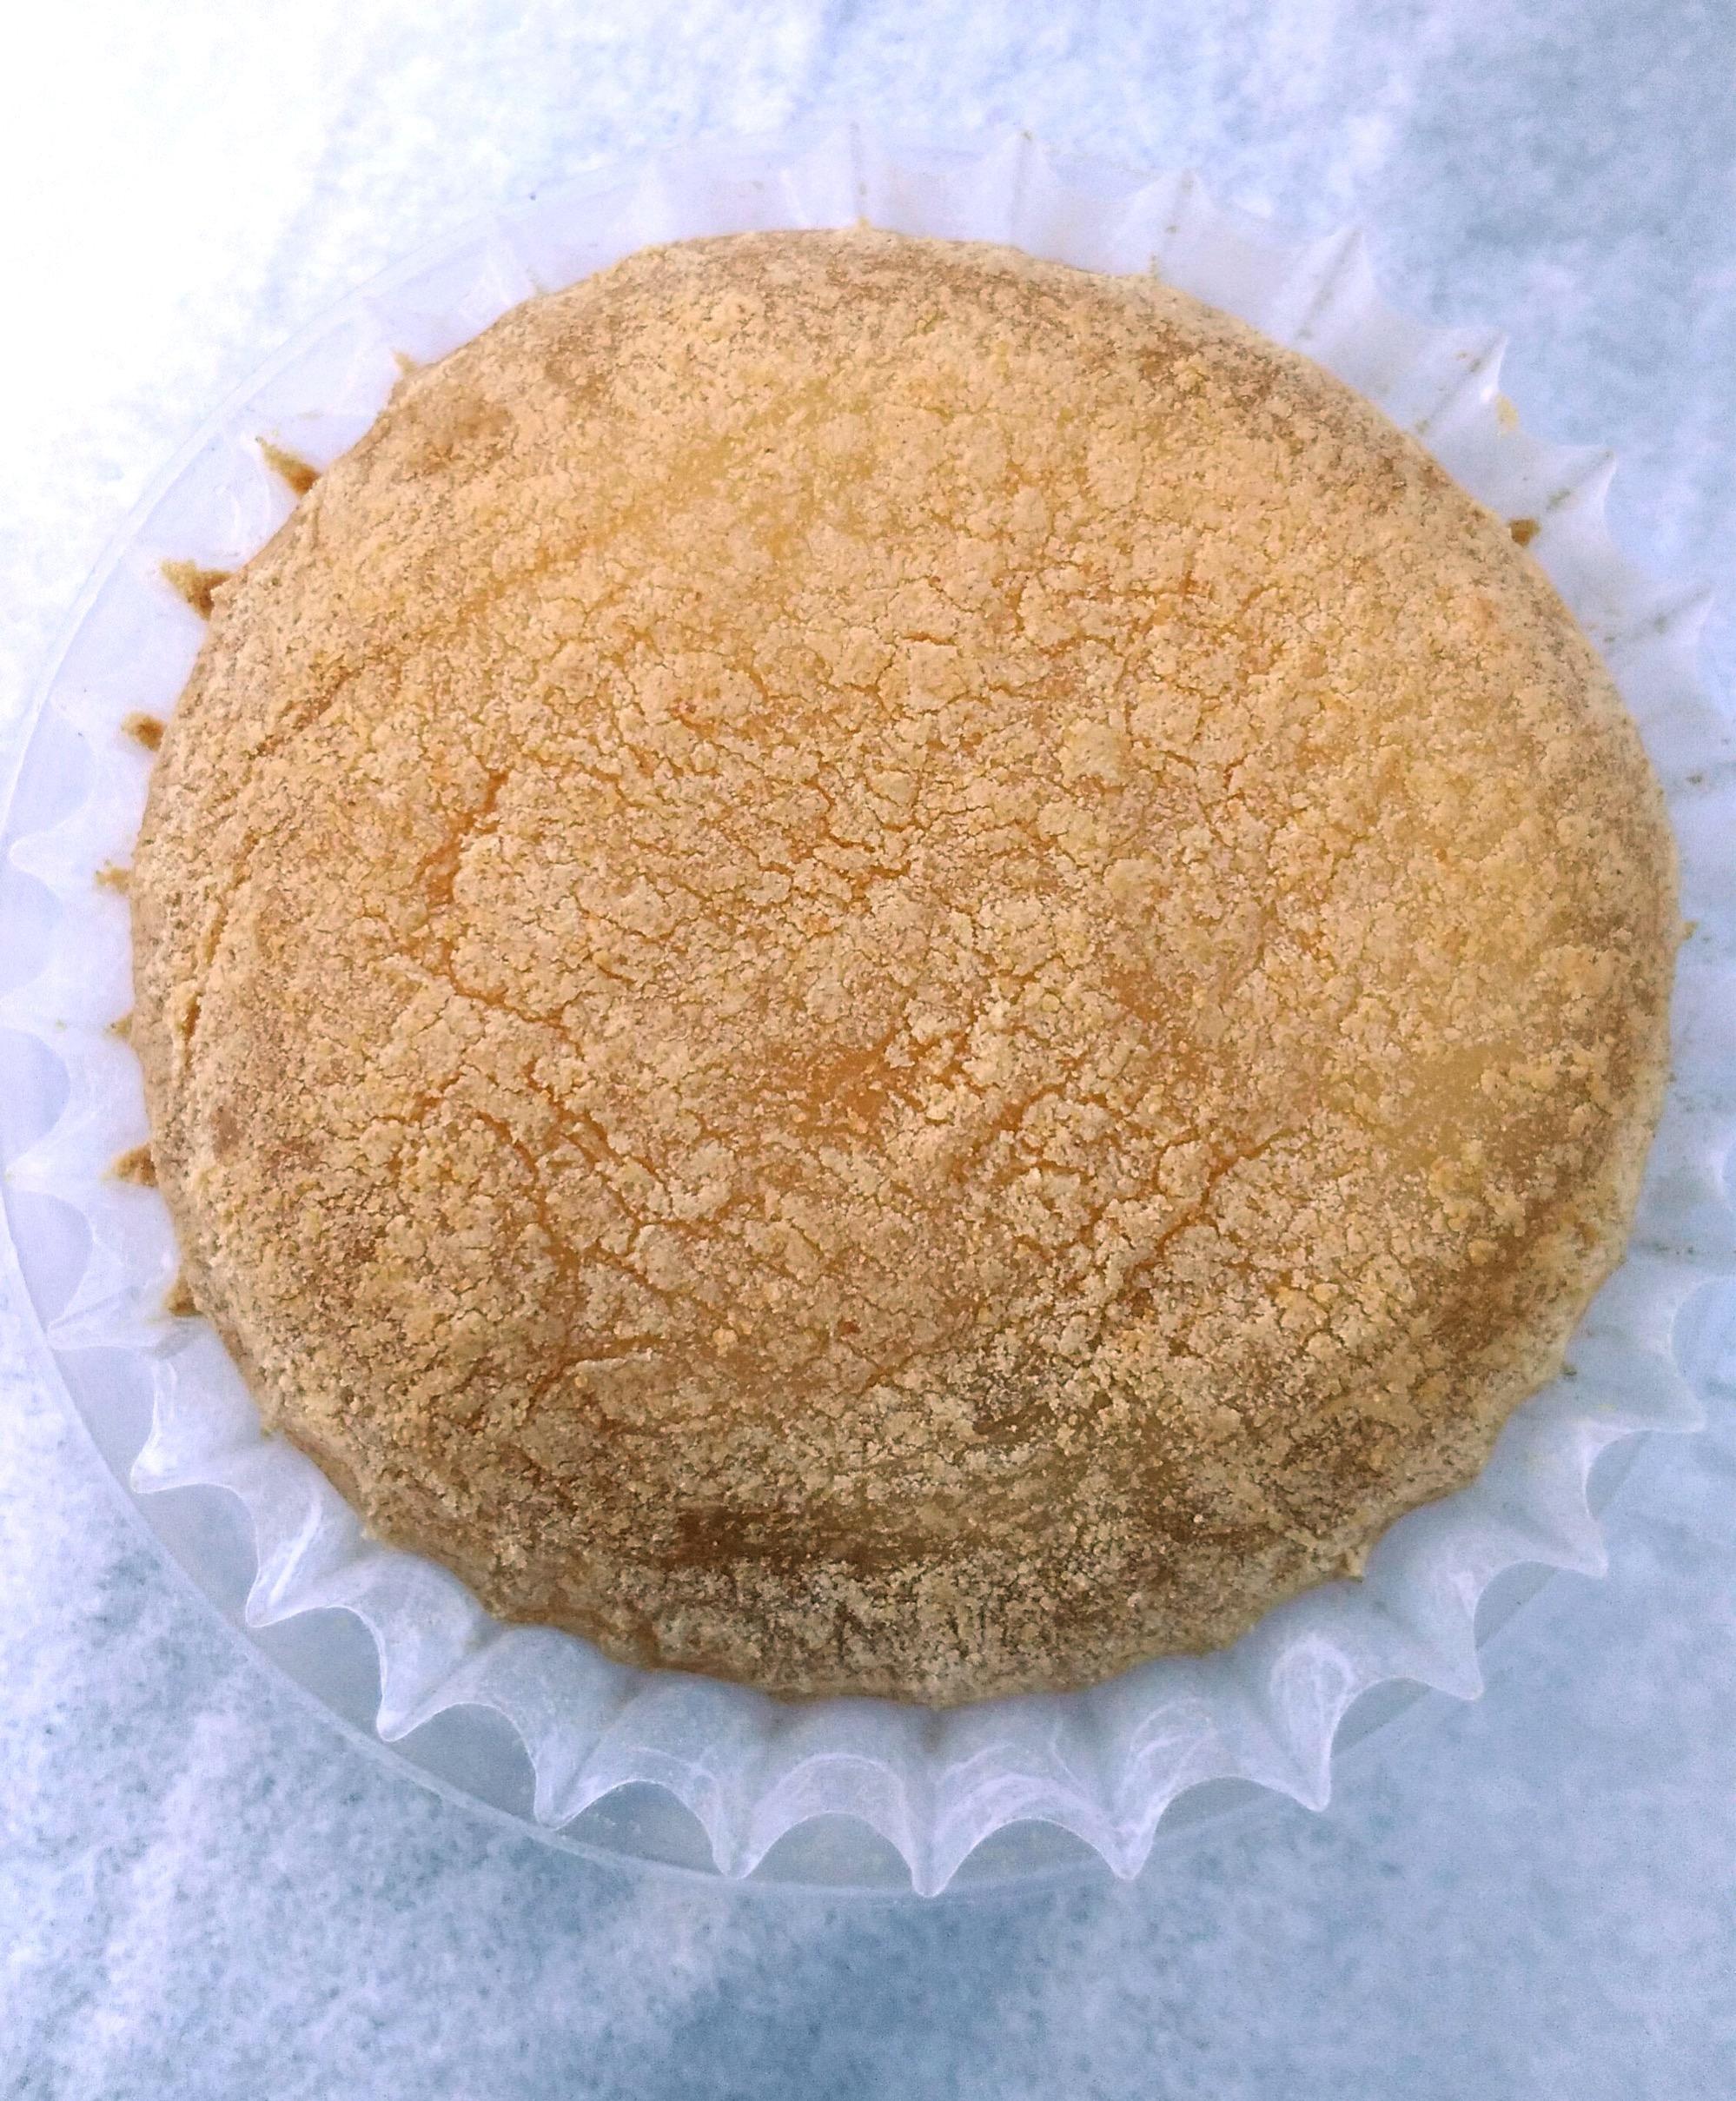 きな粉がまぶしてあるわらび餅